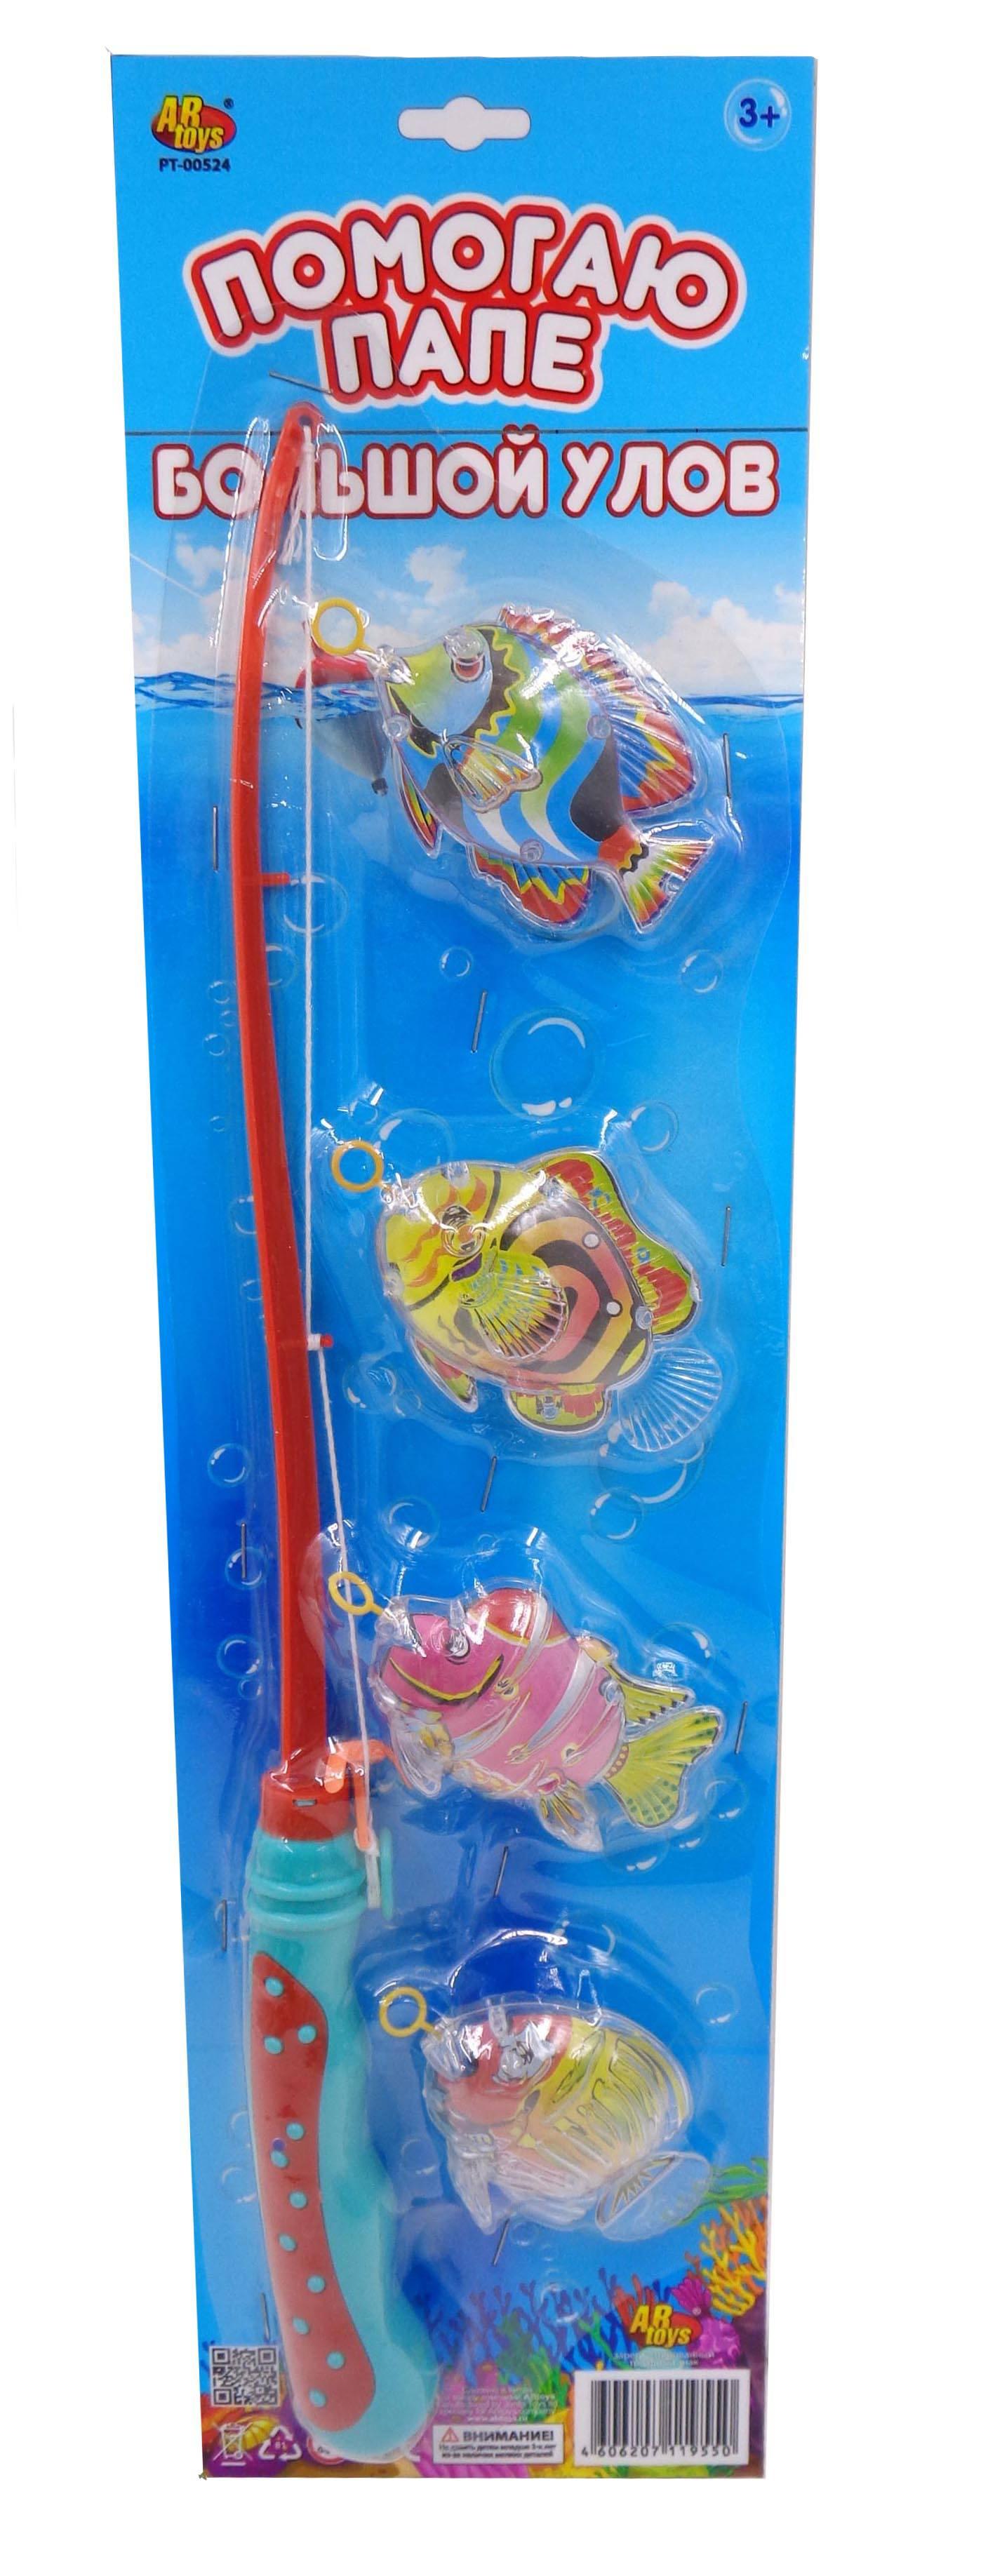 Рыбалка - Большой улов, набор с 1-й удочкой и 4-мя рыбами )Рыбалка для ванны<br>Рыбалка - Большой улов, набор с 1-й удочкой и 4-мя рыбами )<br>